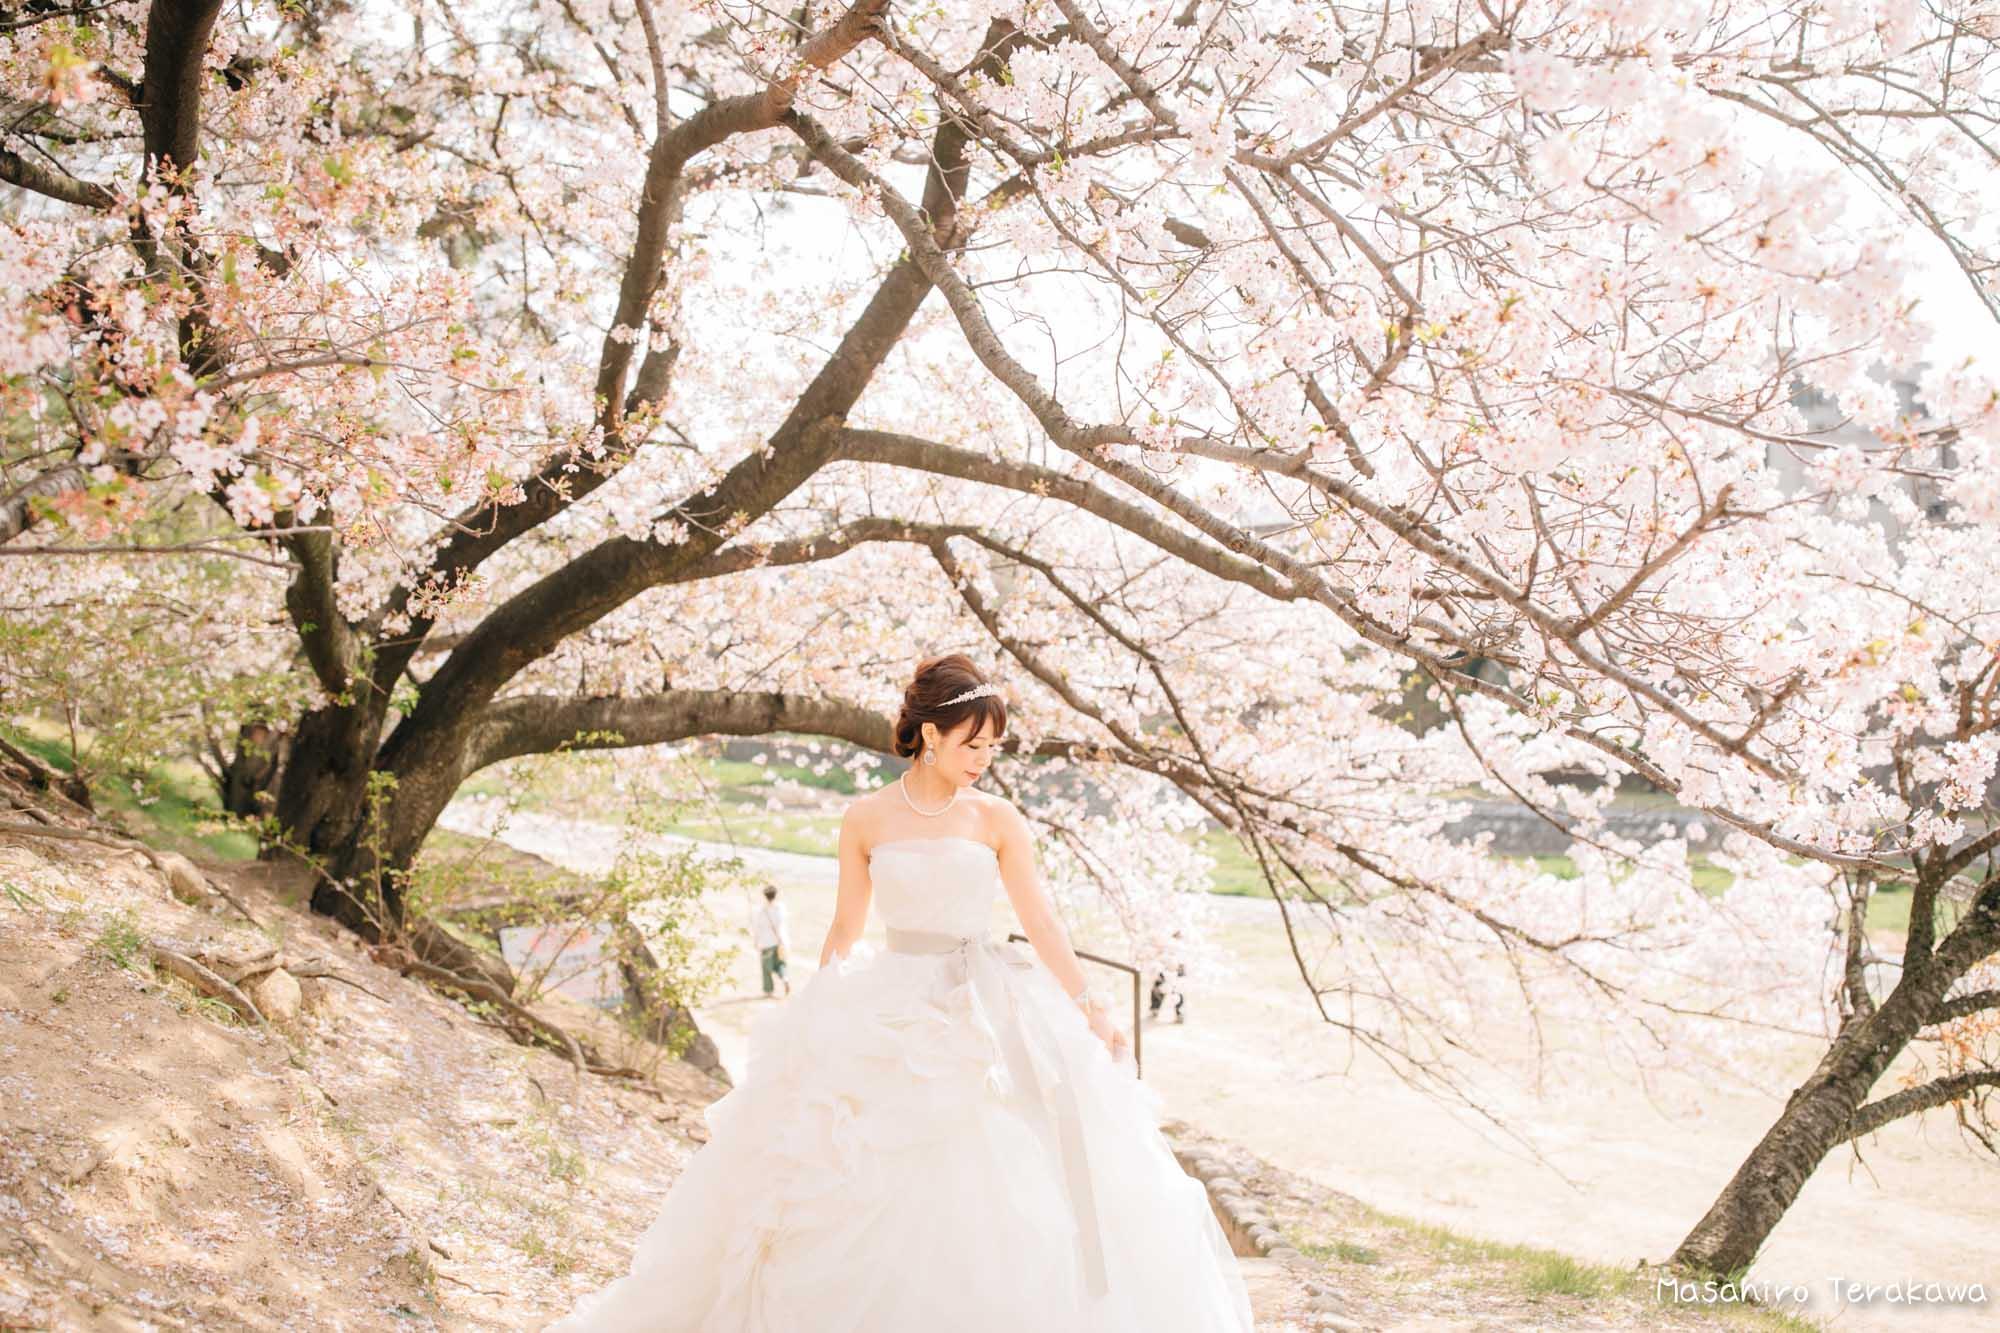 トリートドレッシングのウェディングドレスで結婚式前撮り4